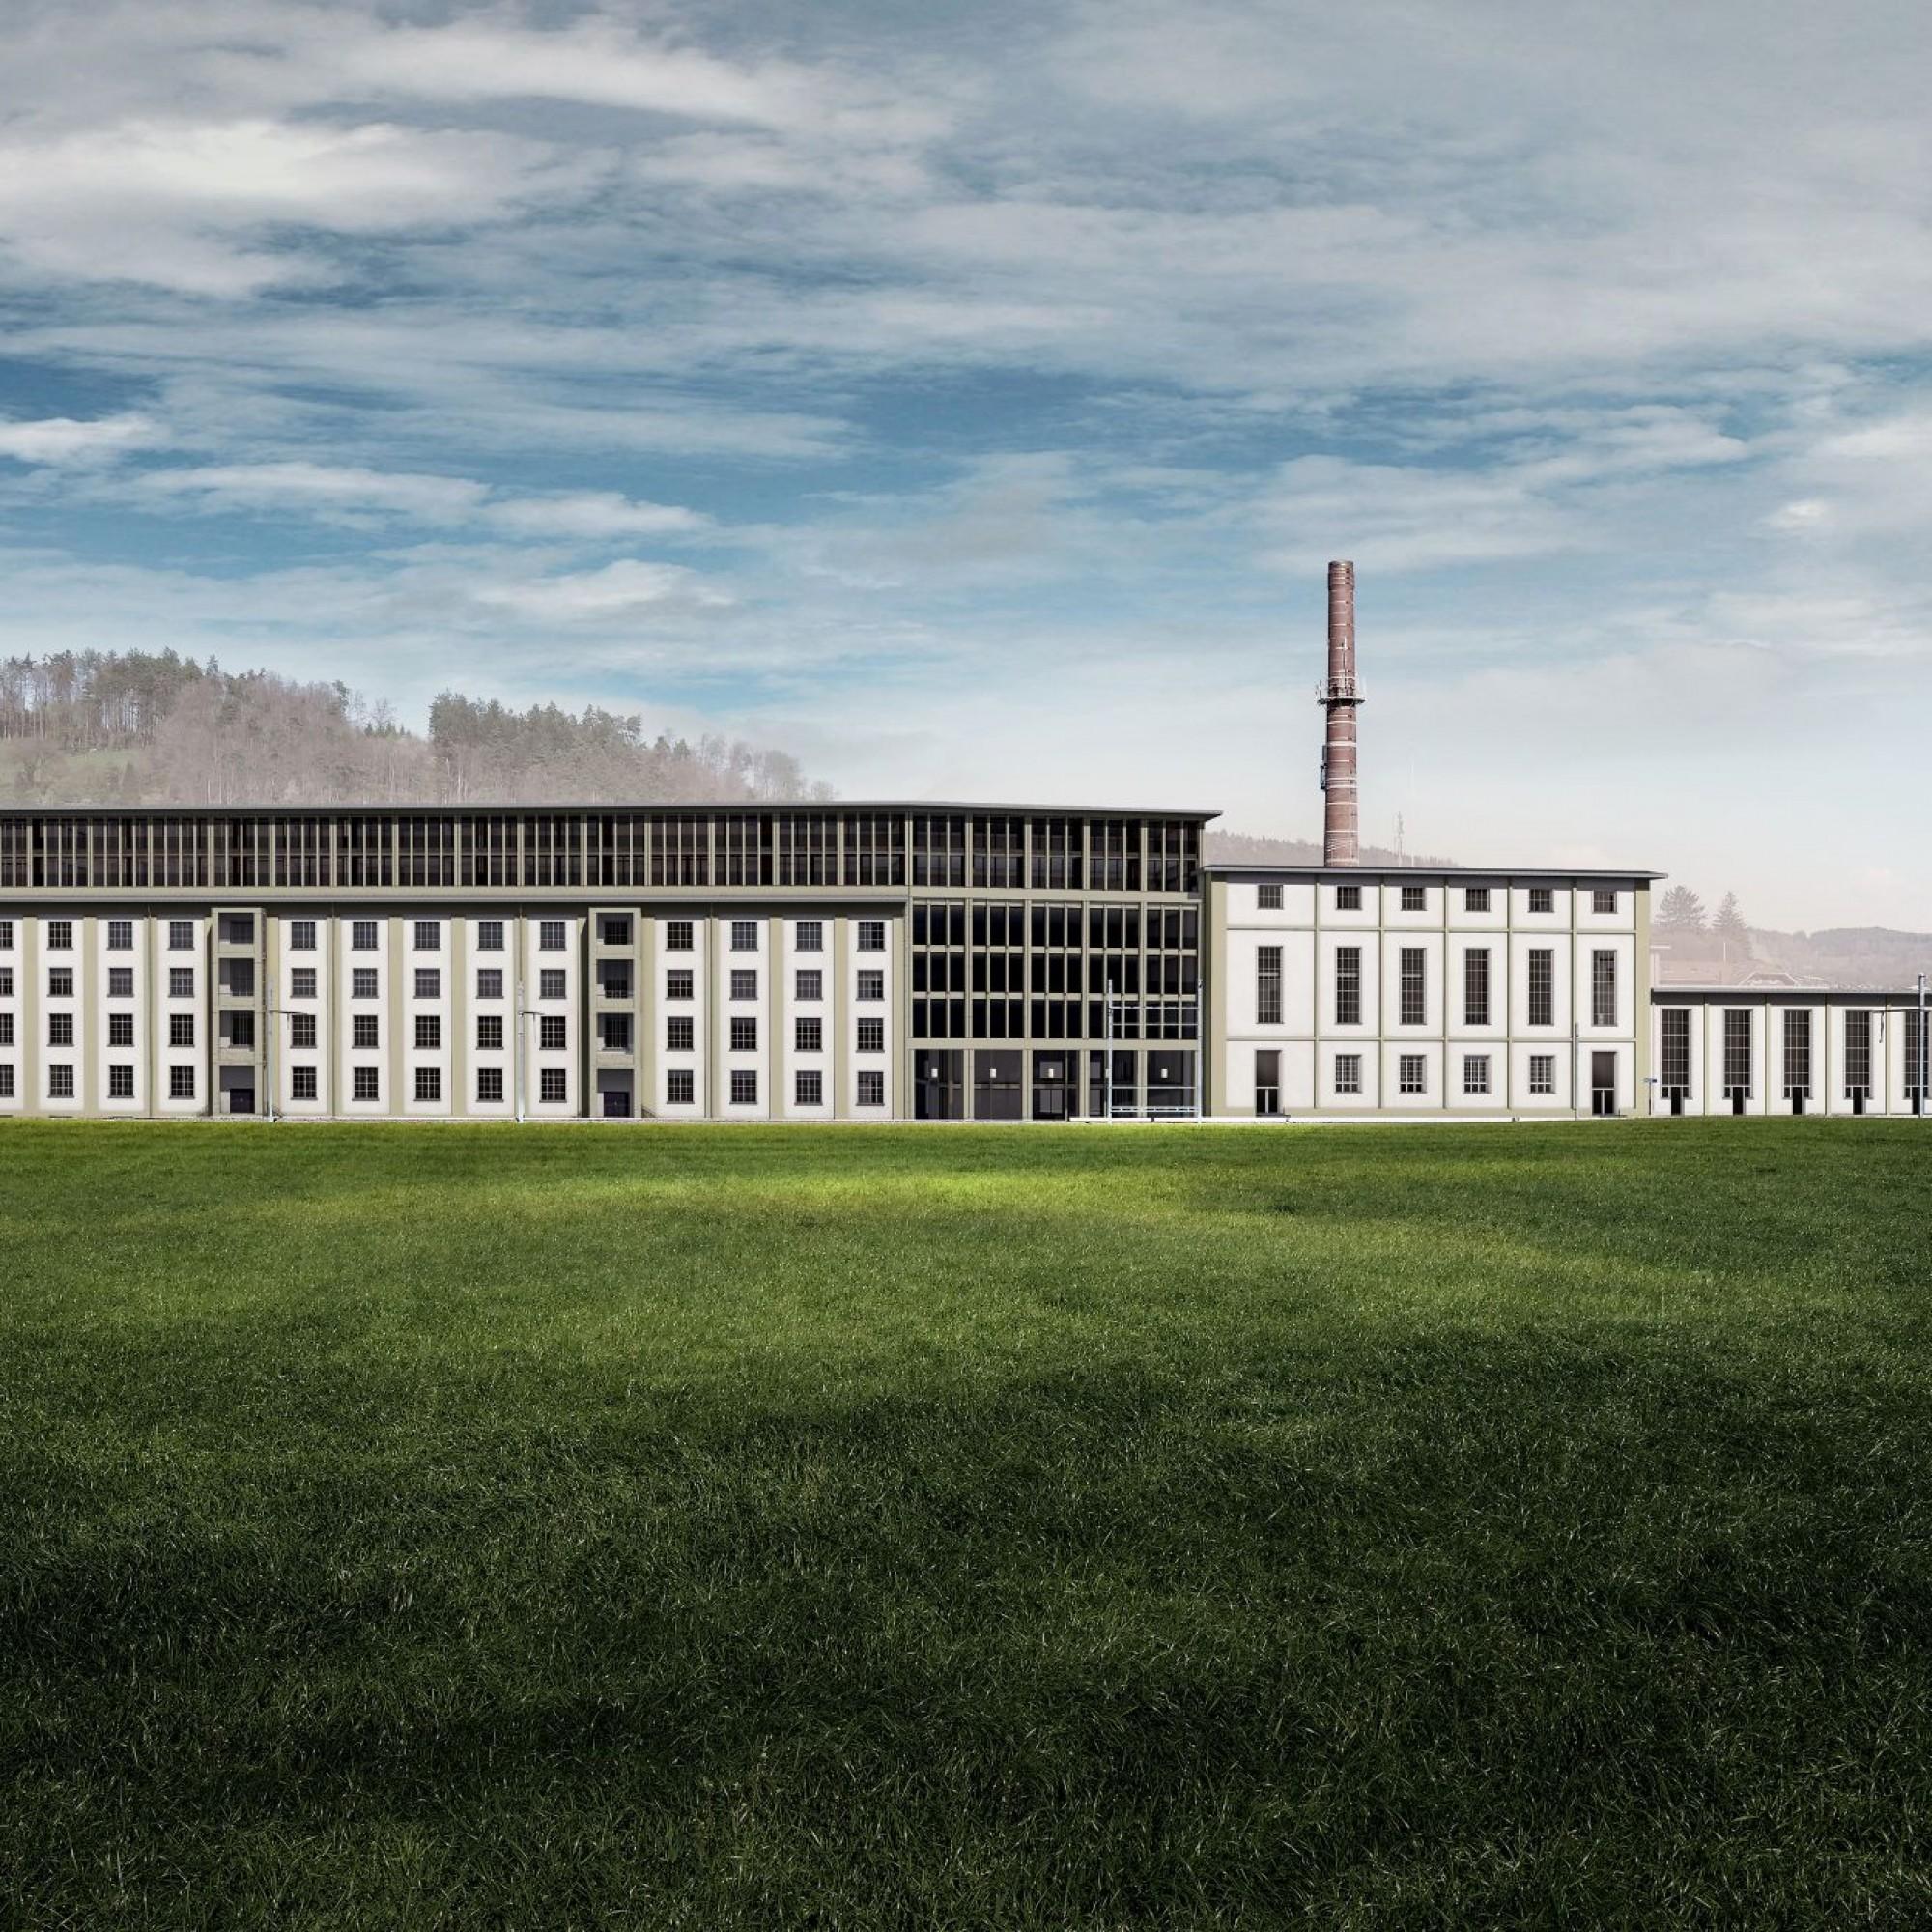 Die Ansicht von Westen zeigt eine harmonische Kombination alter und neuer Baukörper.